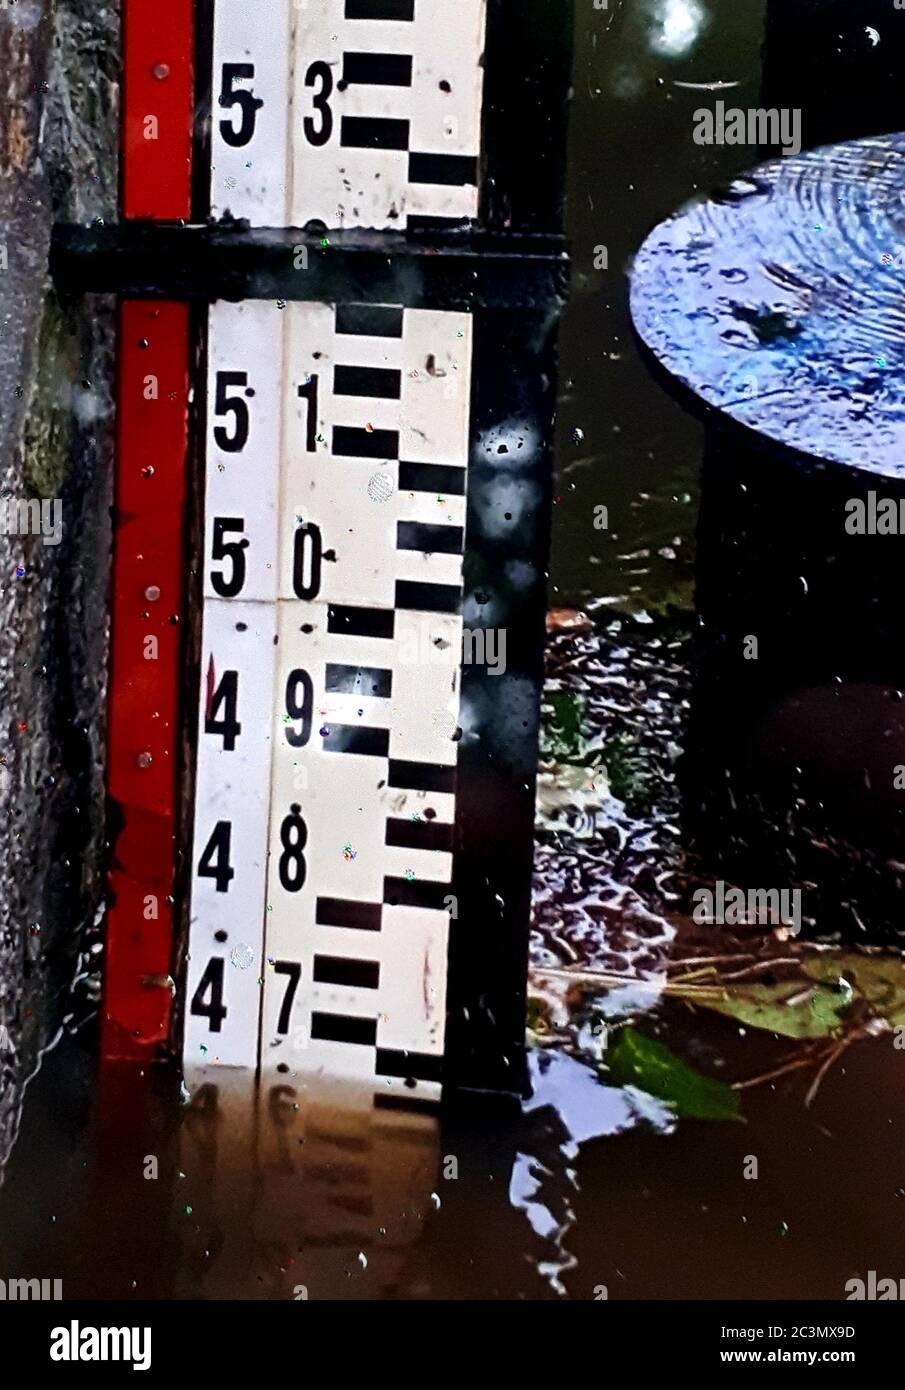 Der Neisse Pegel in Görlitz Zgorzelec bei knapp 4,7 Meter um 9 Uhr am 21.6.2020 Stock Photo